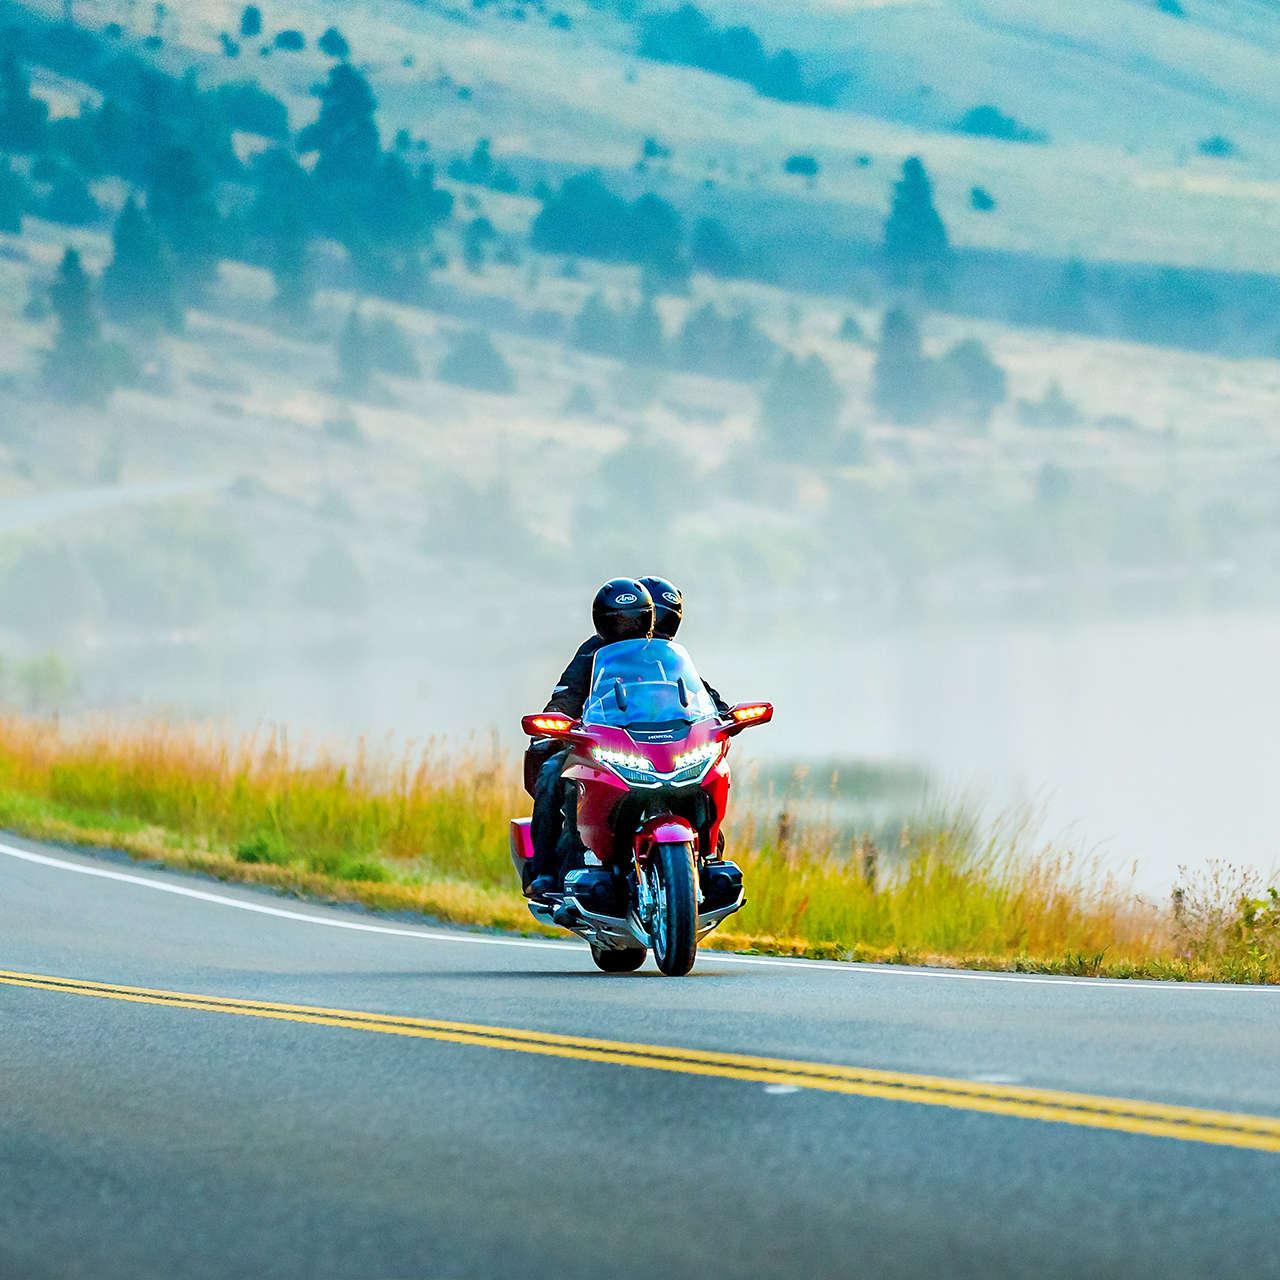 Honda Gold Wing Technology | Touring | Honda Motorcycles